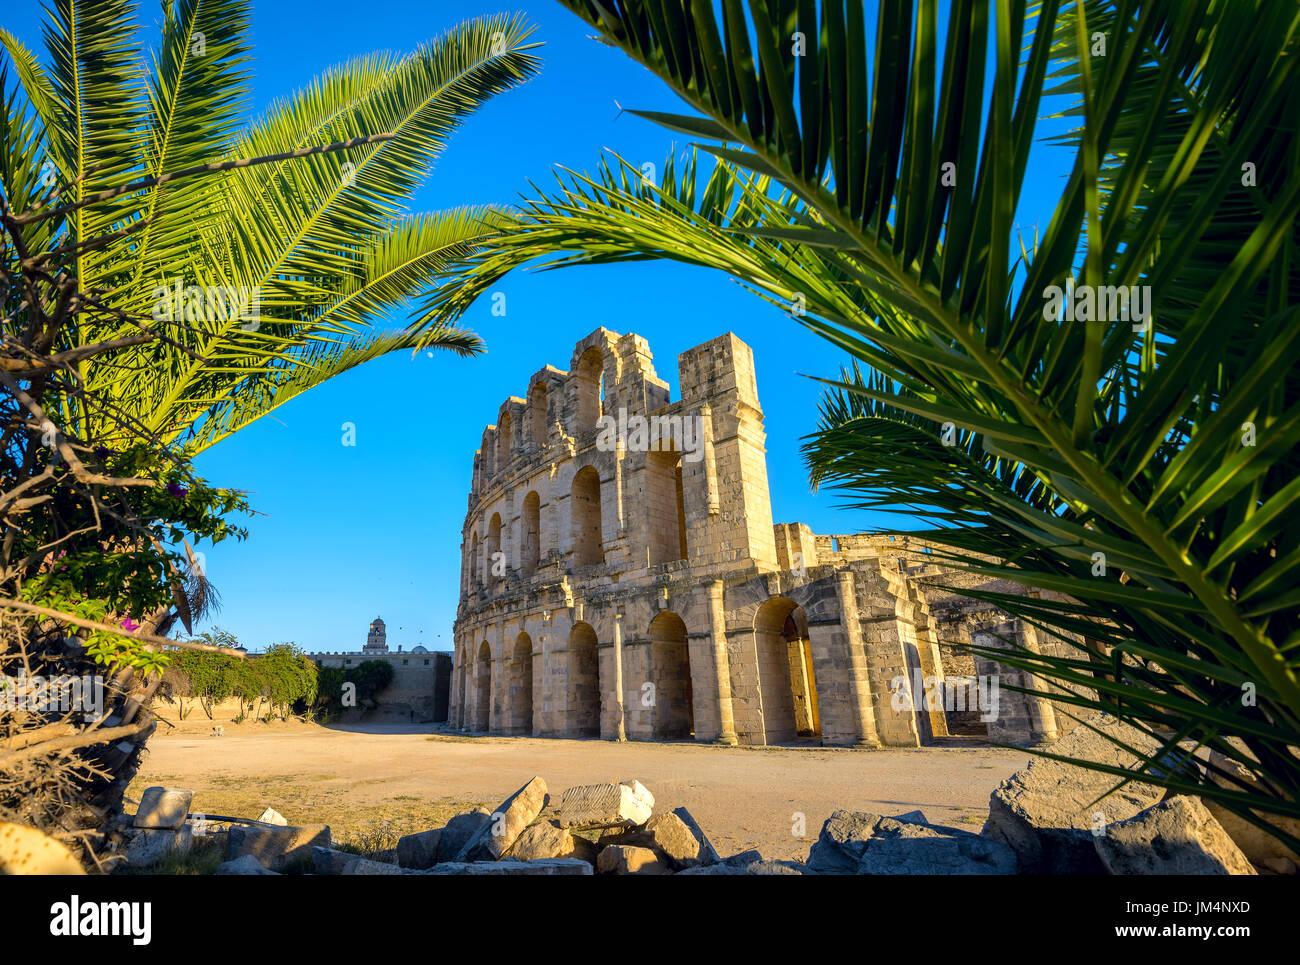 Alten römischen Amphitheater in El Djem. Mahdia Governorate, Tunesien, Nordafrika Stockbild